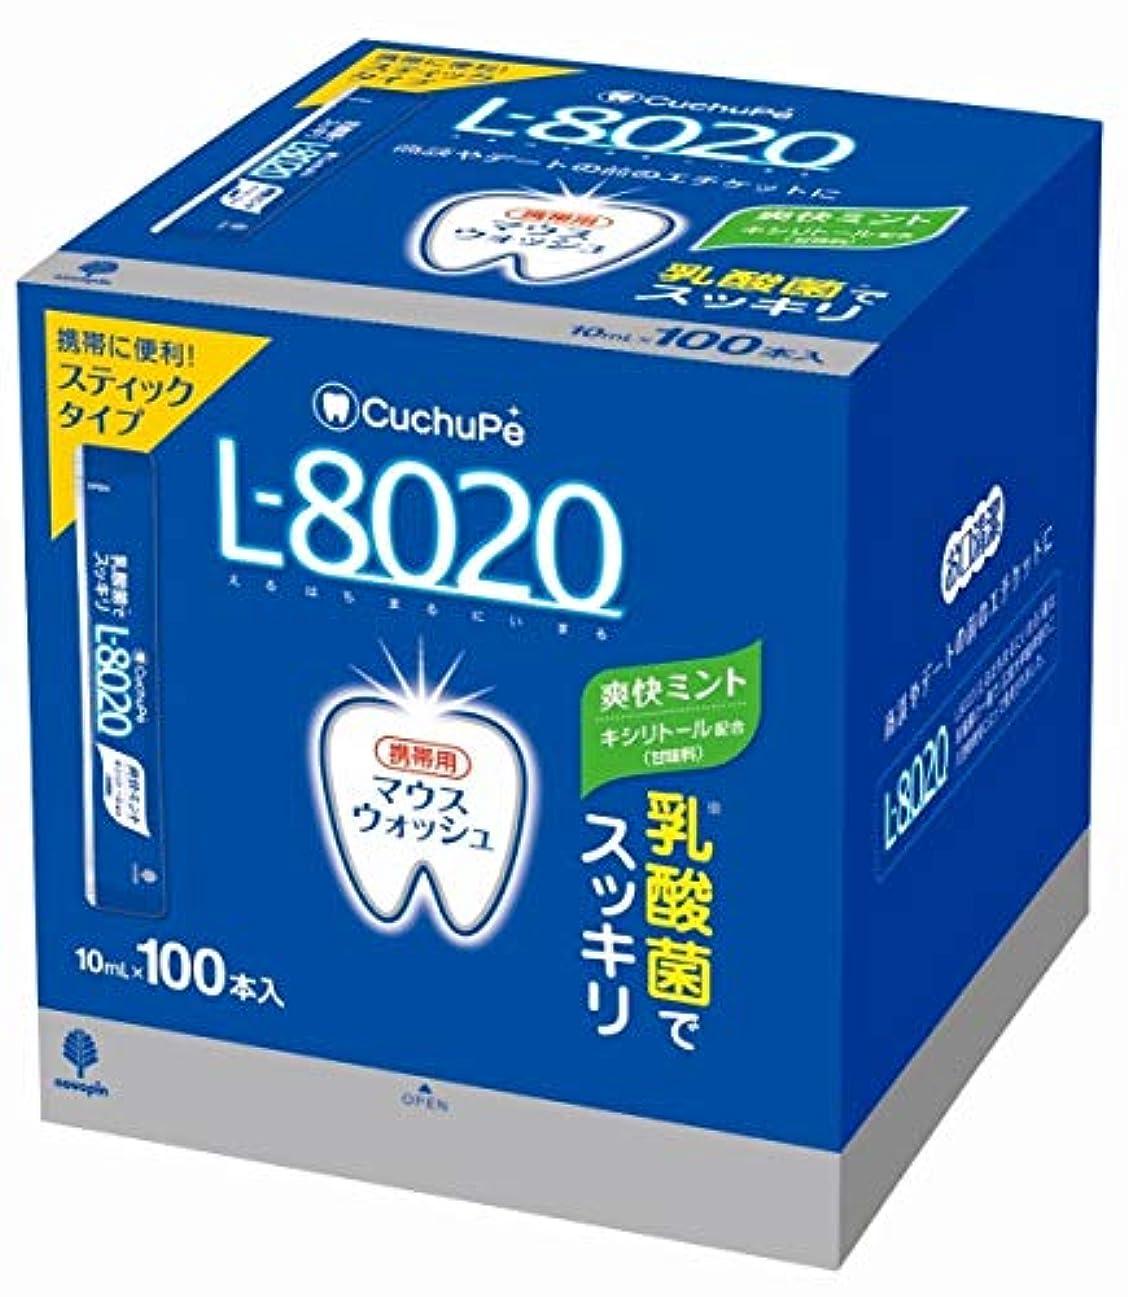 陸軍開いた深い日本製 made in japan クチュッペL-8020 爽快ミント スティックタイプ100本入(アルコール) K-7091【まとめ買い10個セット】